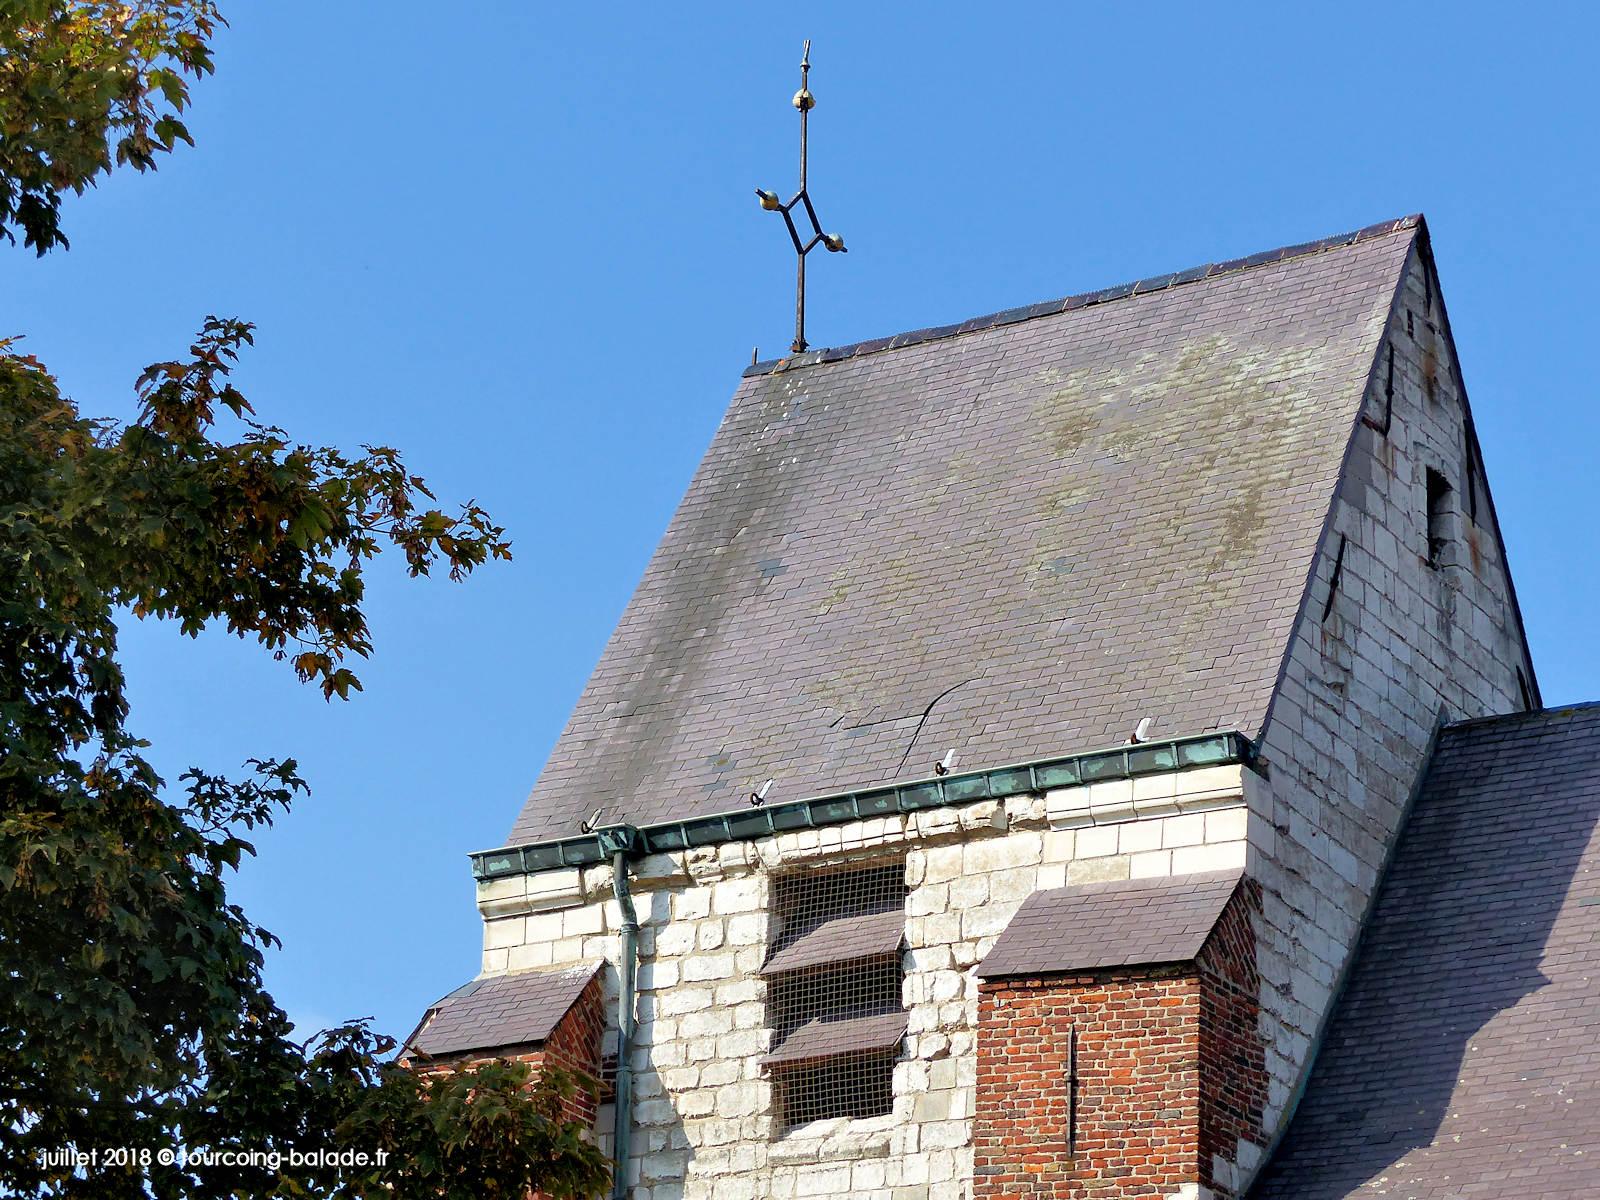 Cocher de l'église Marguerite d'Antioche, Faches 2018